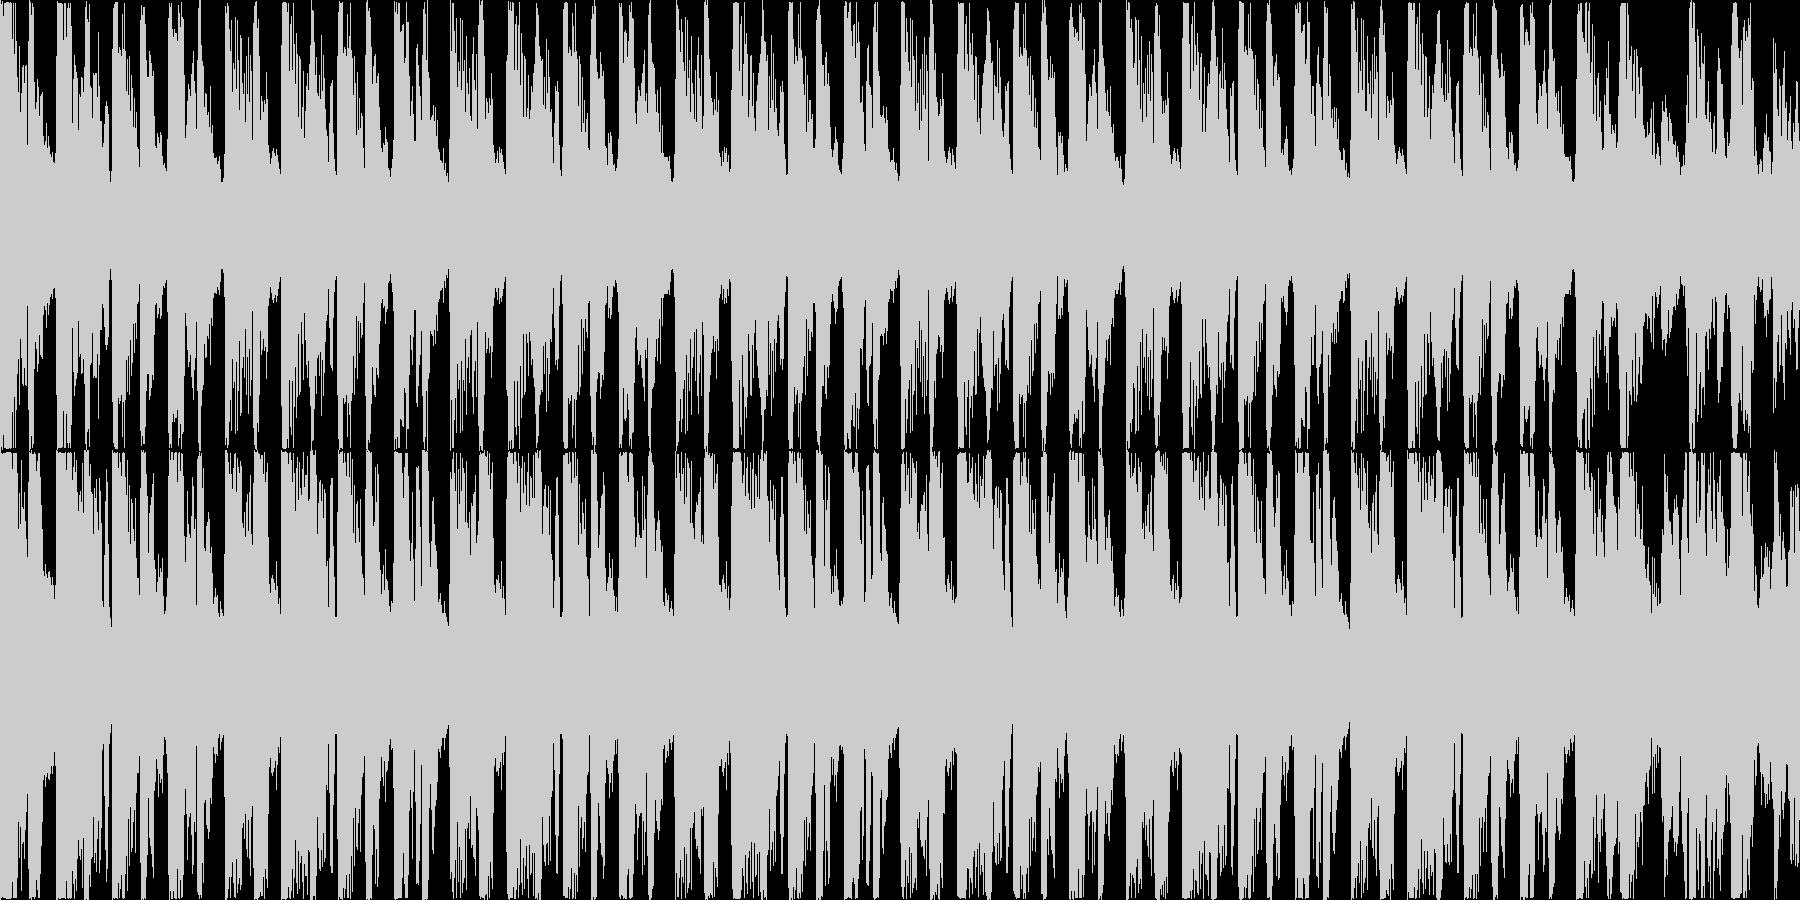 【ループD】ゴキゲンなスウィングをダンスの未再生の波形